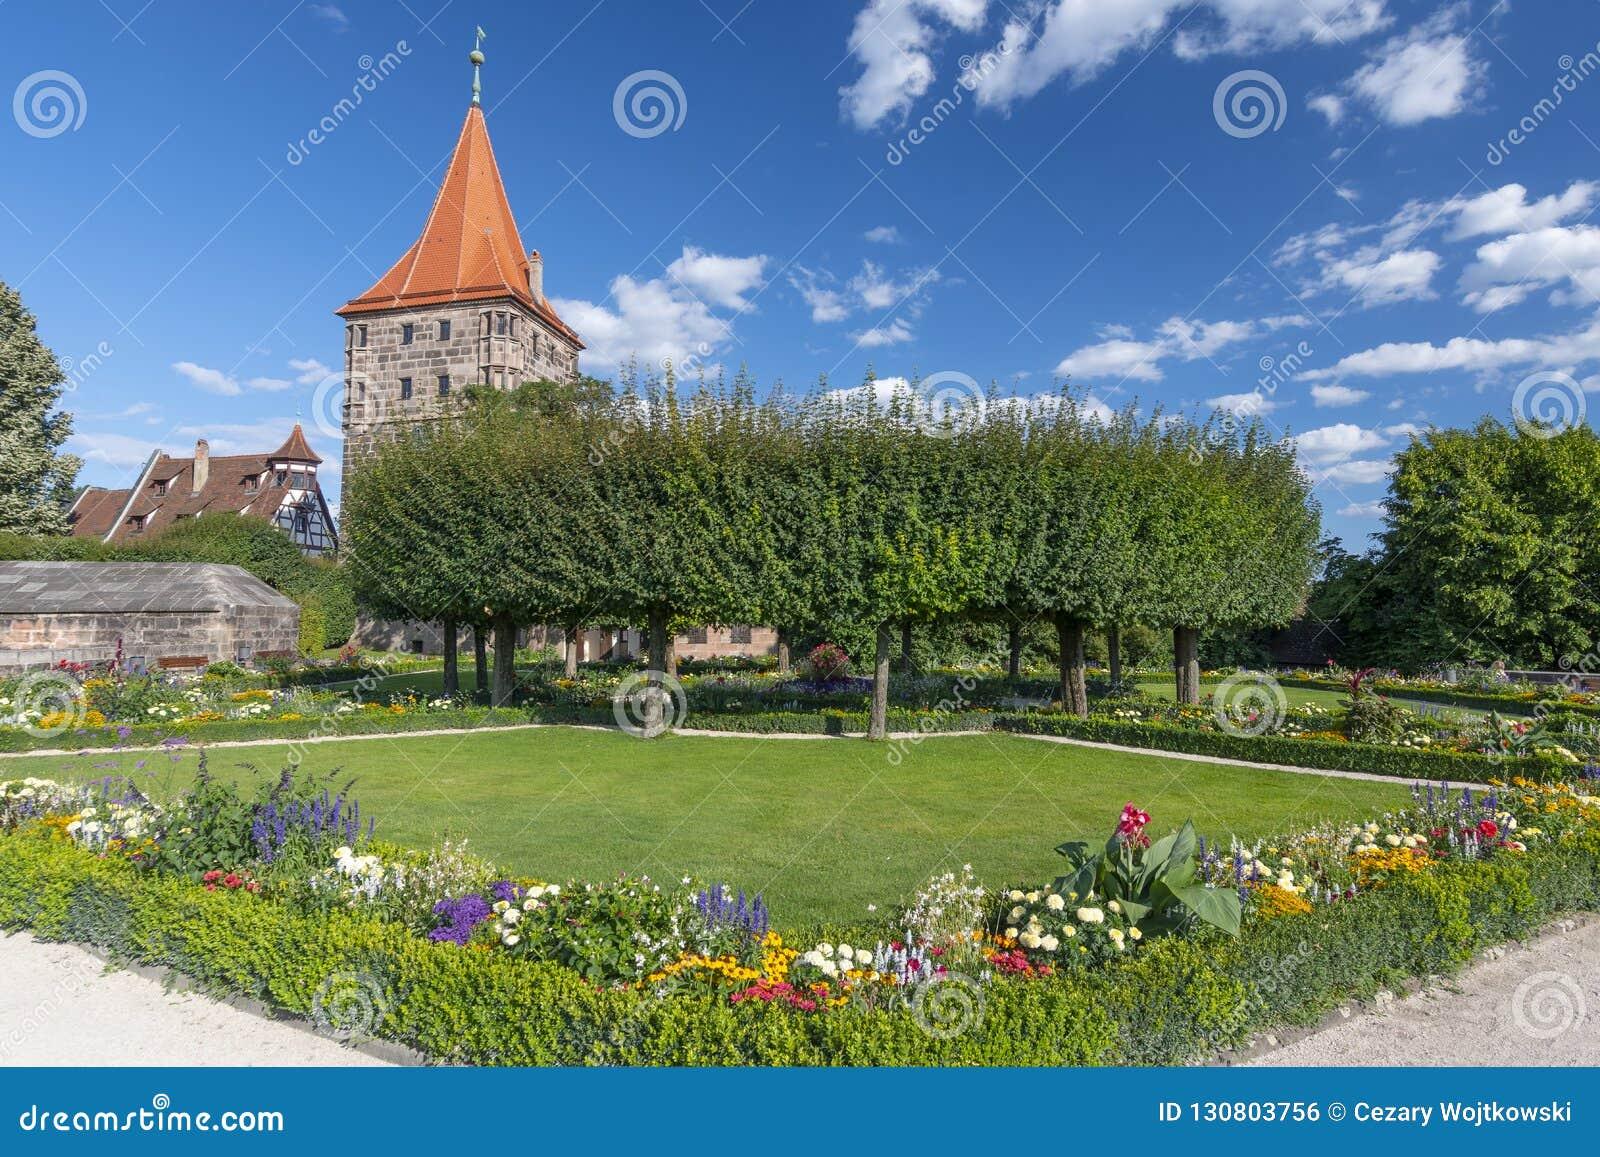 Giardino del castello in bastione più basso, in castello imperiale e in Tiergartnertor, Norimberga, Franconia, Baviera, Germania